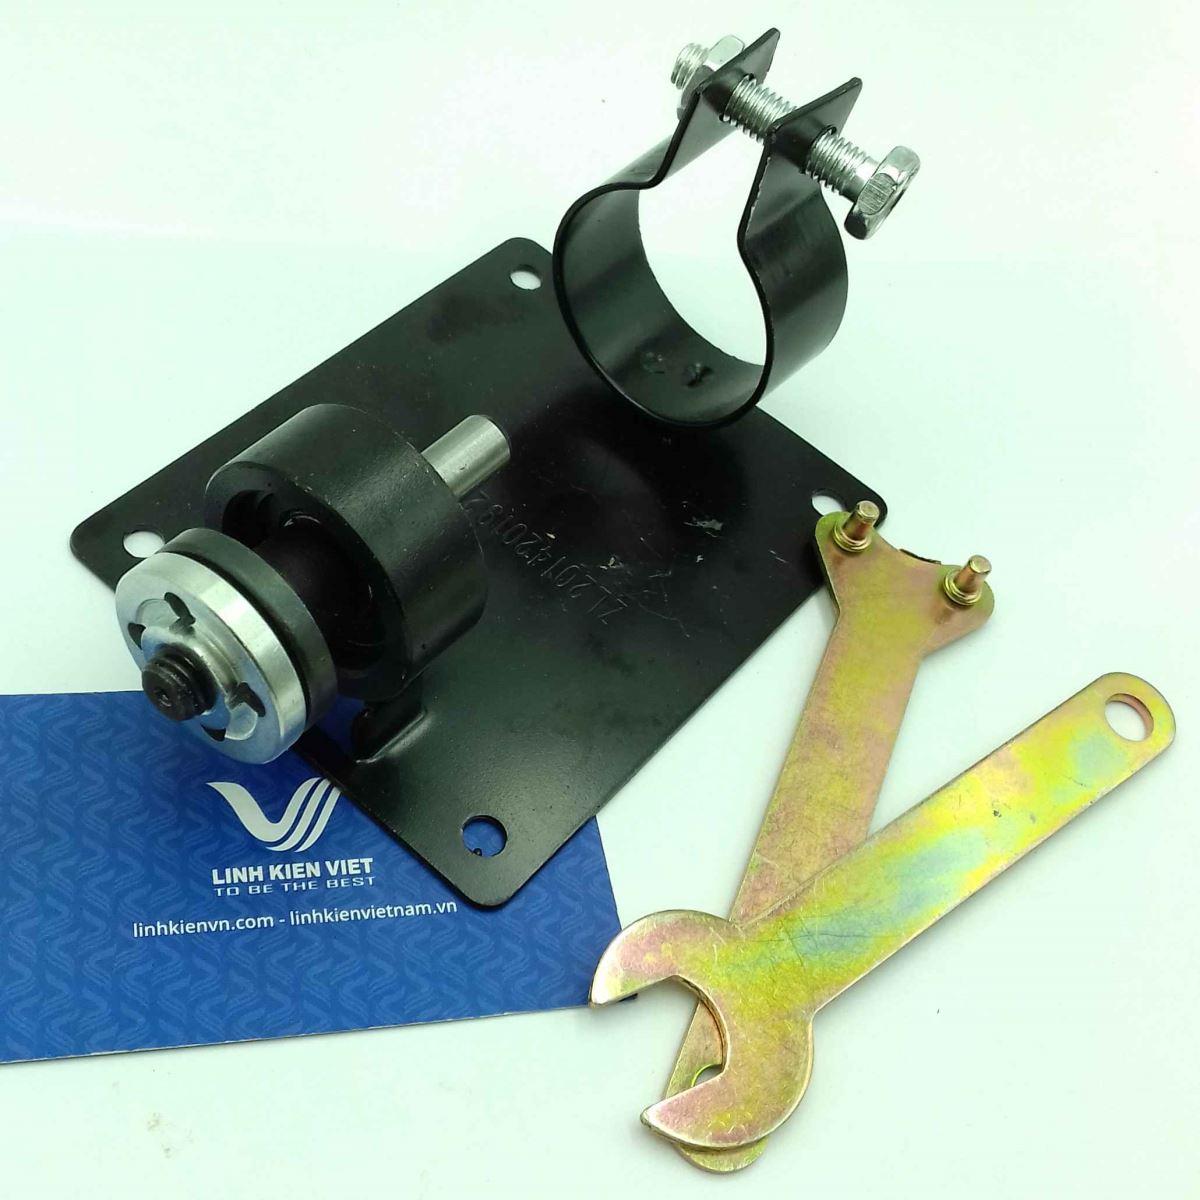 Trục giữ đĩa cắt lắp khoan tay / Trục giữ đĩa cắt cho động cơ cho khoan tay - (kho i)